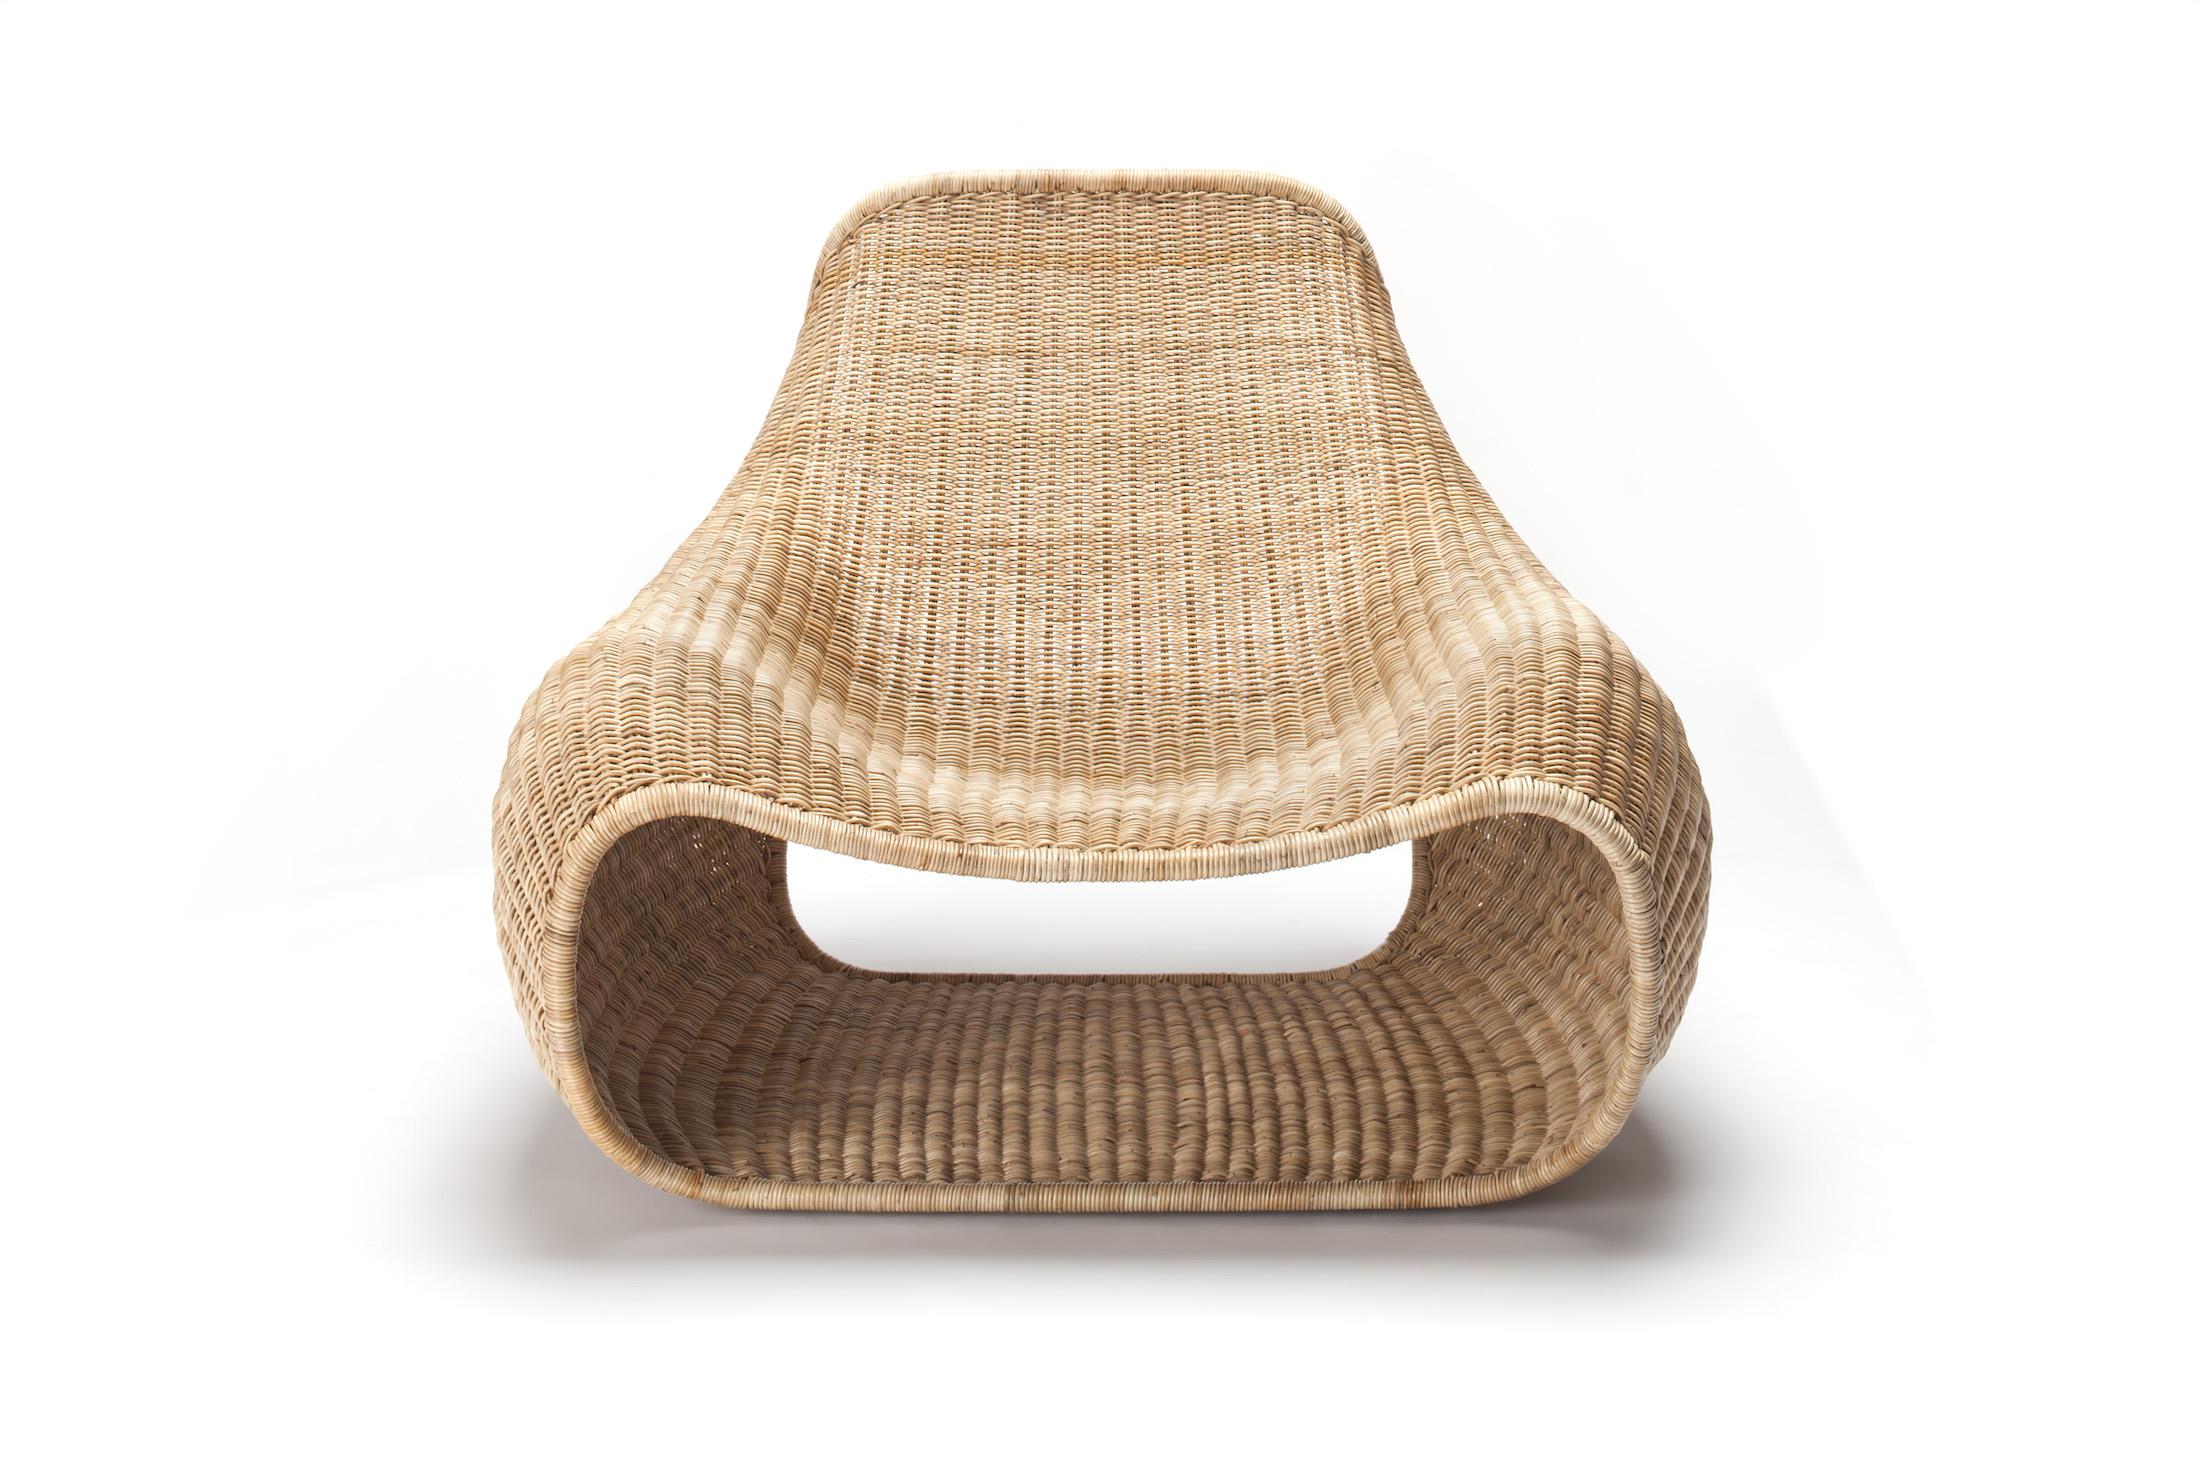 The Snug Chair - Dennis Abalos, 2011